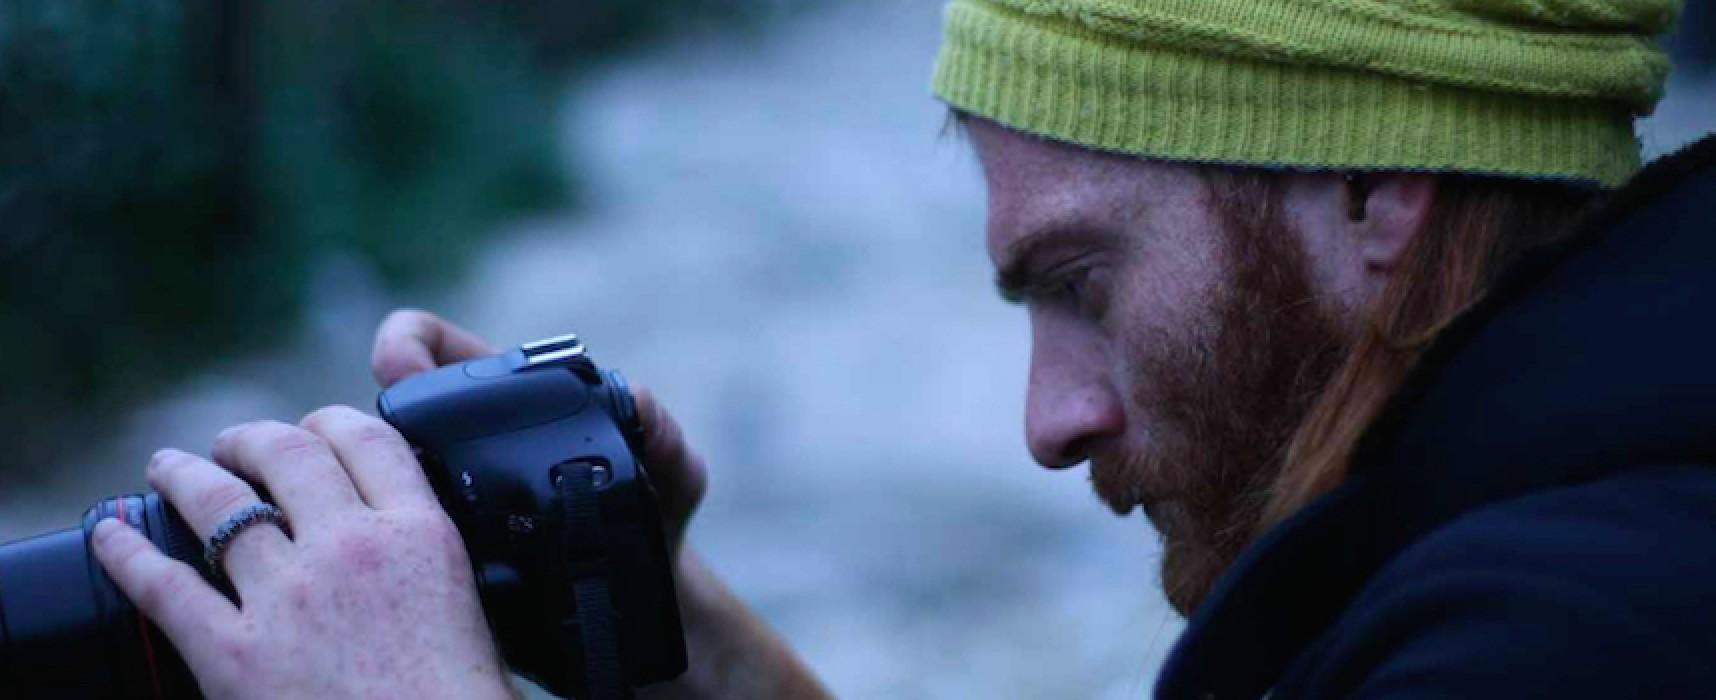 L'artista Sergio Racanati lancia campagna di crowdfunding per la realizzazione del suo film